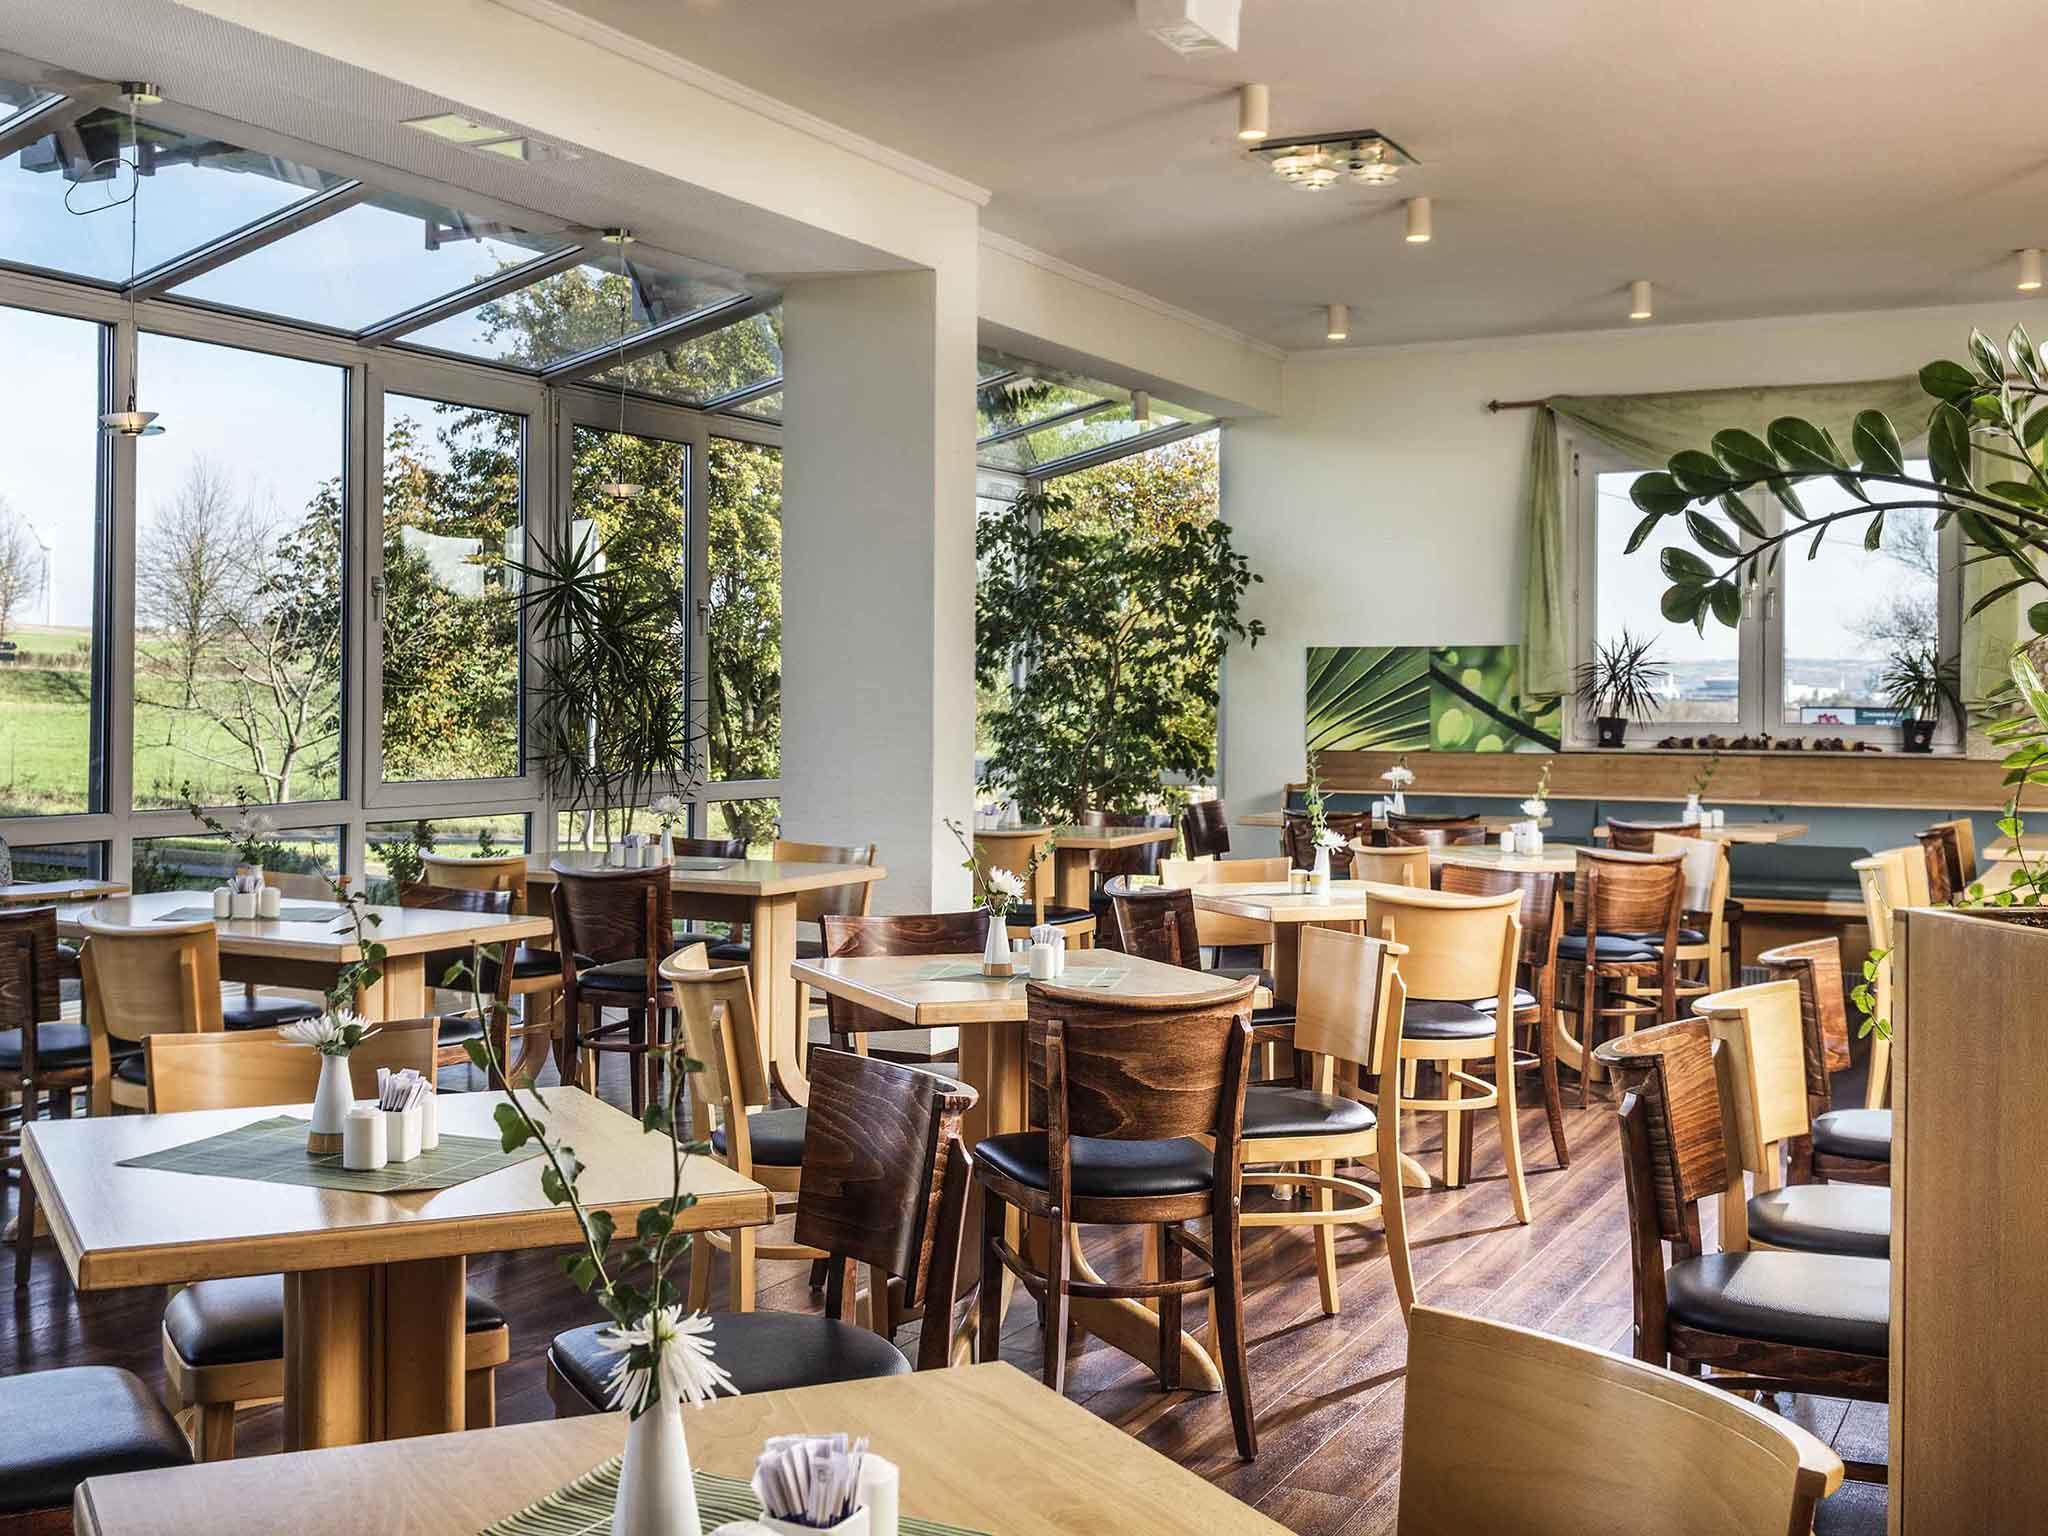 Hotel ibis Eisenach. Book your hotel in Eisenach now!